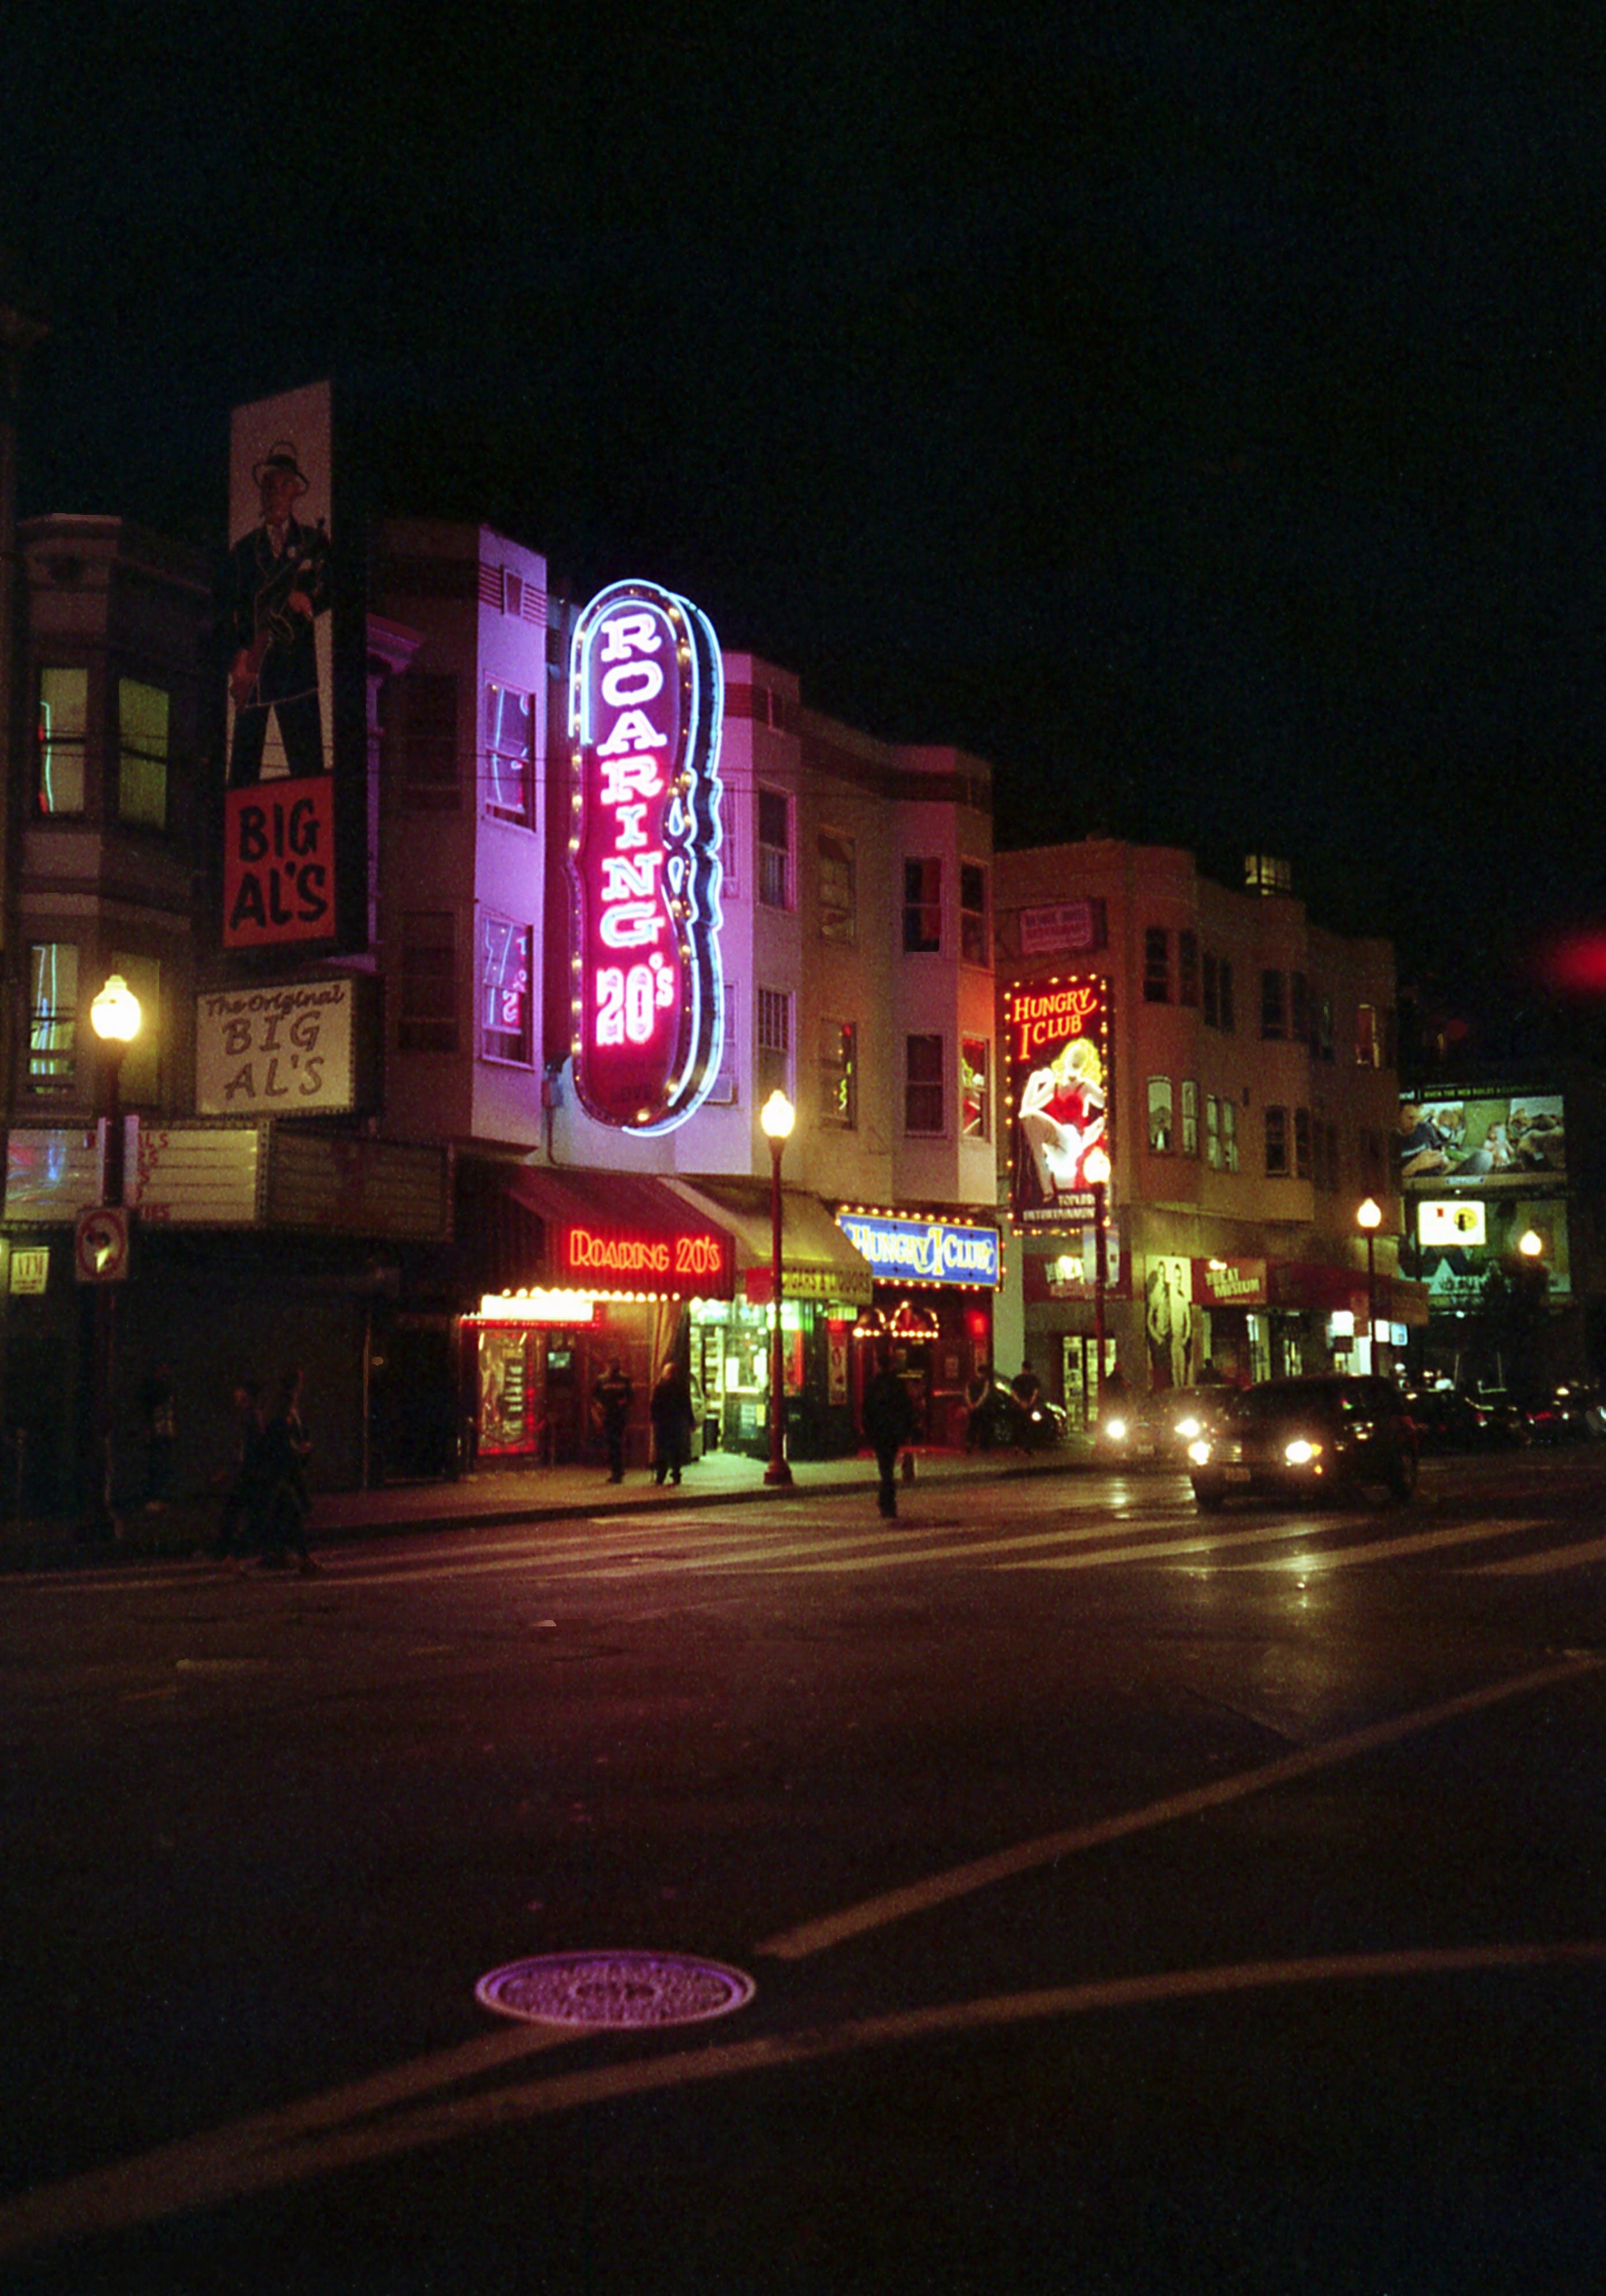 シティ, ダウンタウン, ネオンサイン, ネオンライトの無料の写真素材